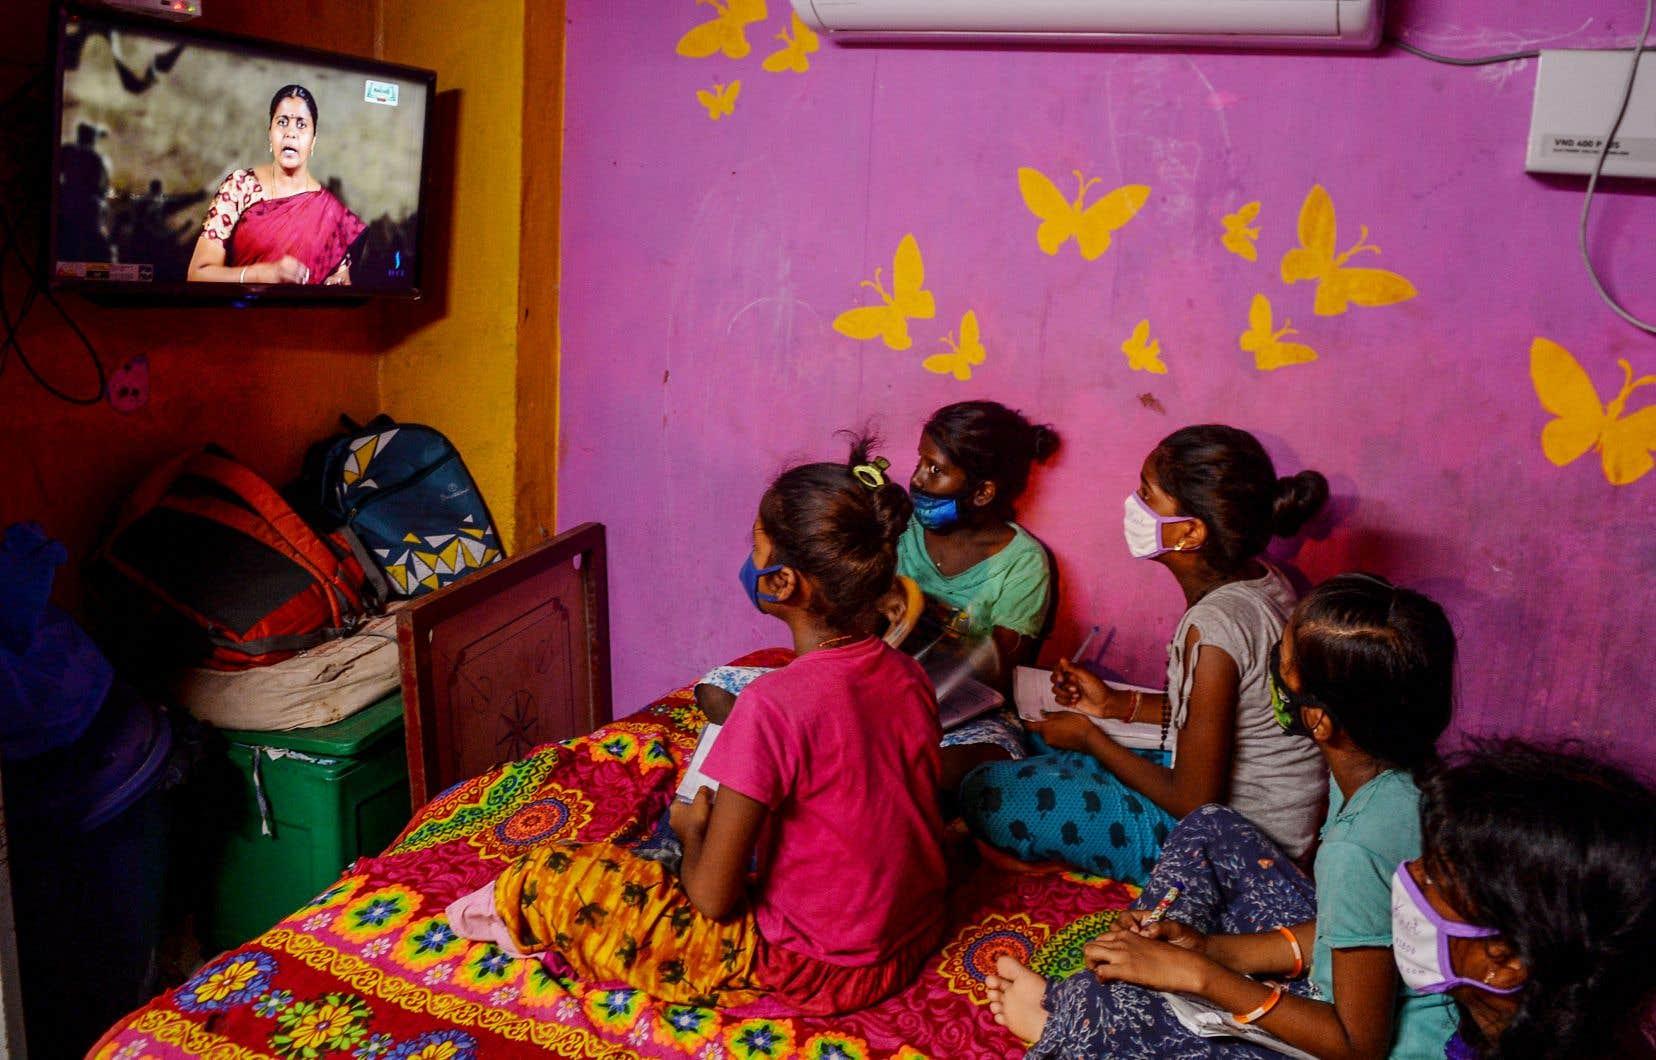 De jeunes Indiens suivent un cours à distance devant la télévision. Le gouvernement du pays a mis en place durant le confinement un programme d'éducation diffusé à la télévision pour les enfants de la deuxième à la dixième année.